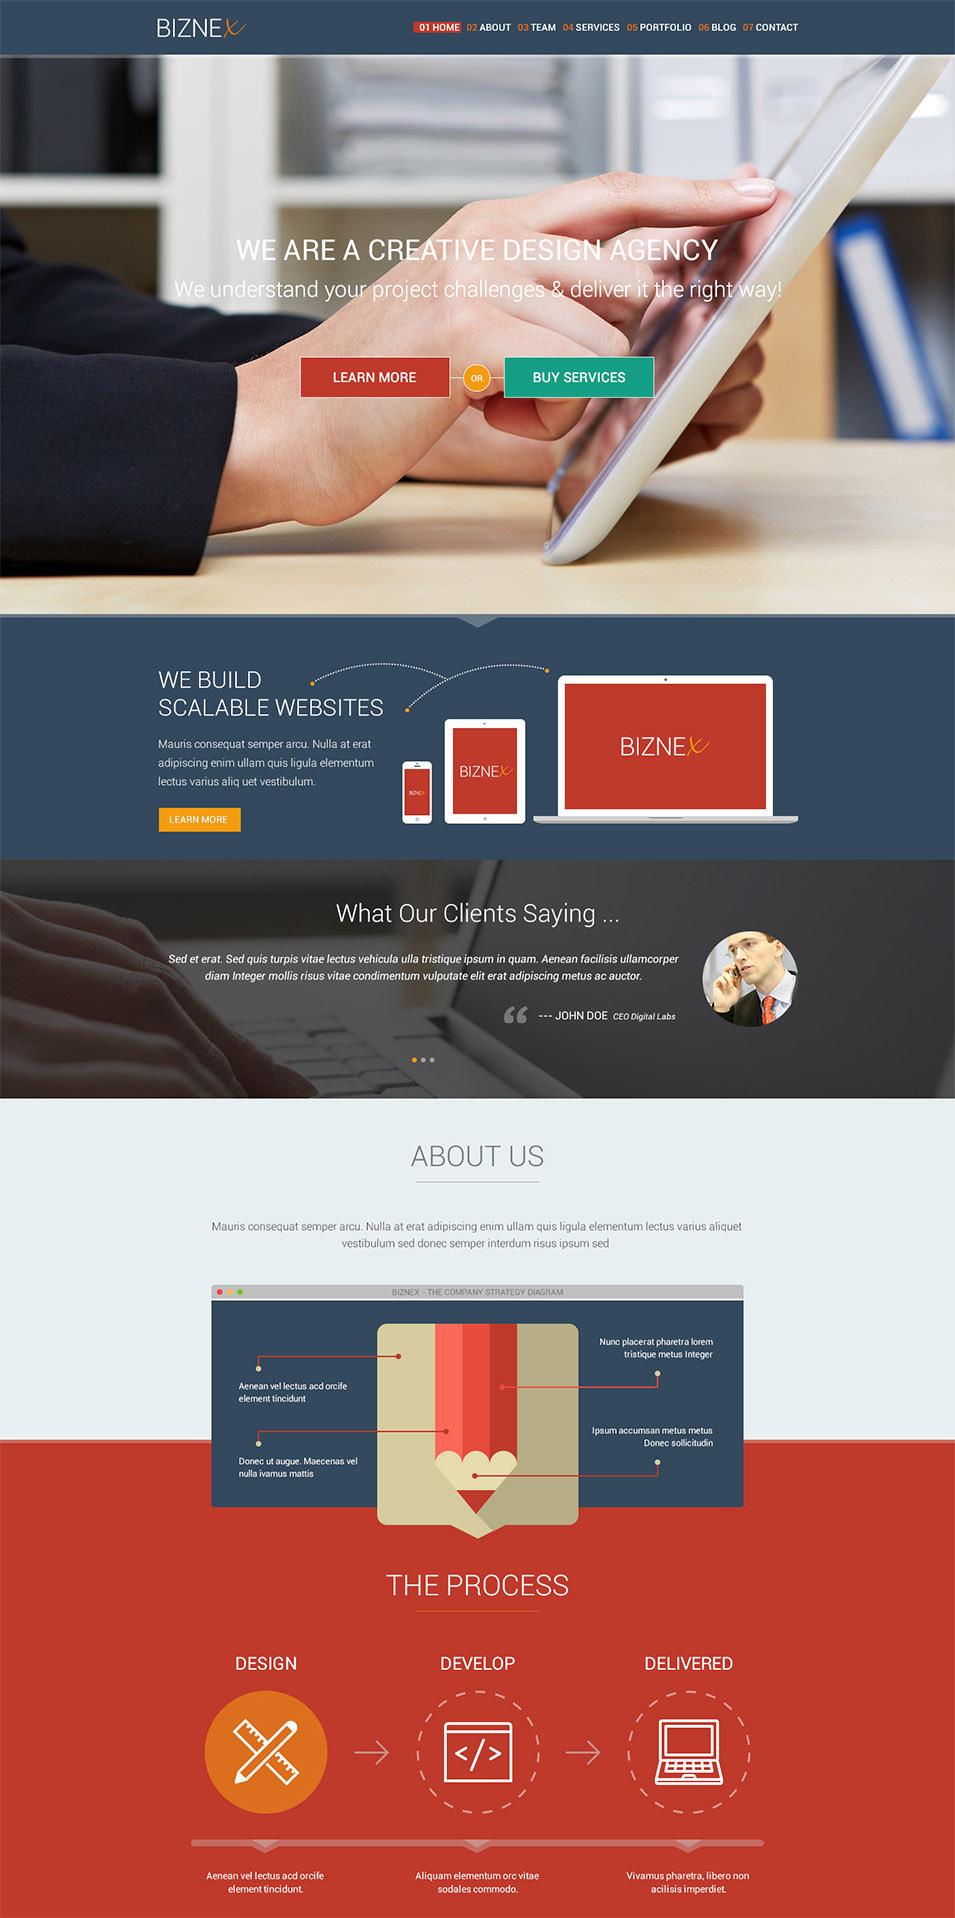 biznex multi purpose parallax psd landing page